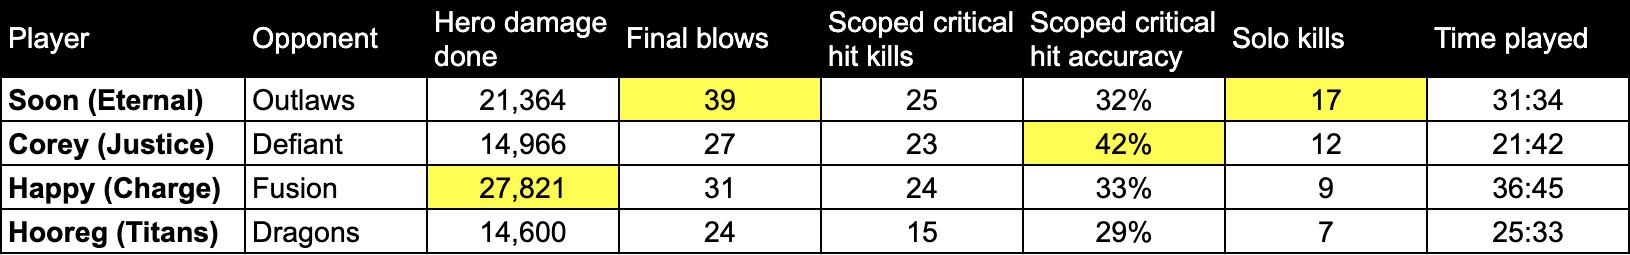 damage-week1-v2